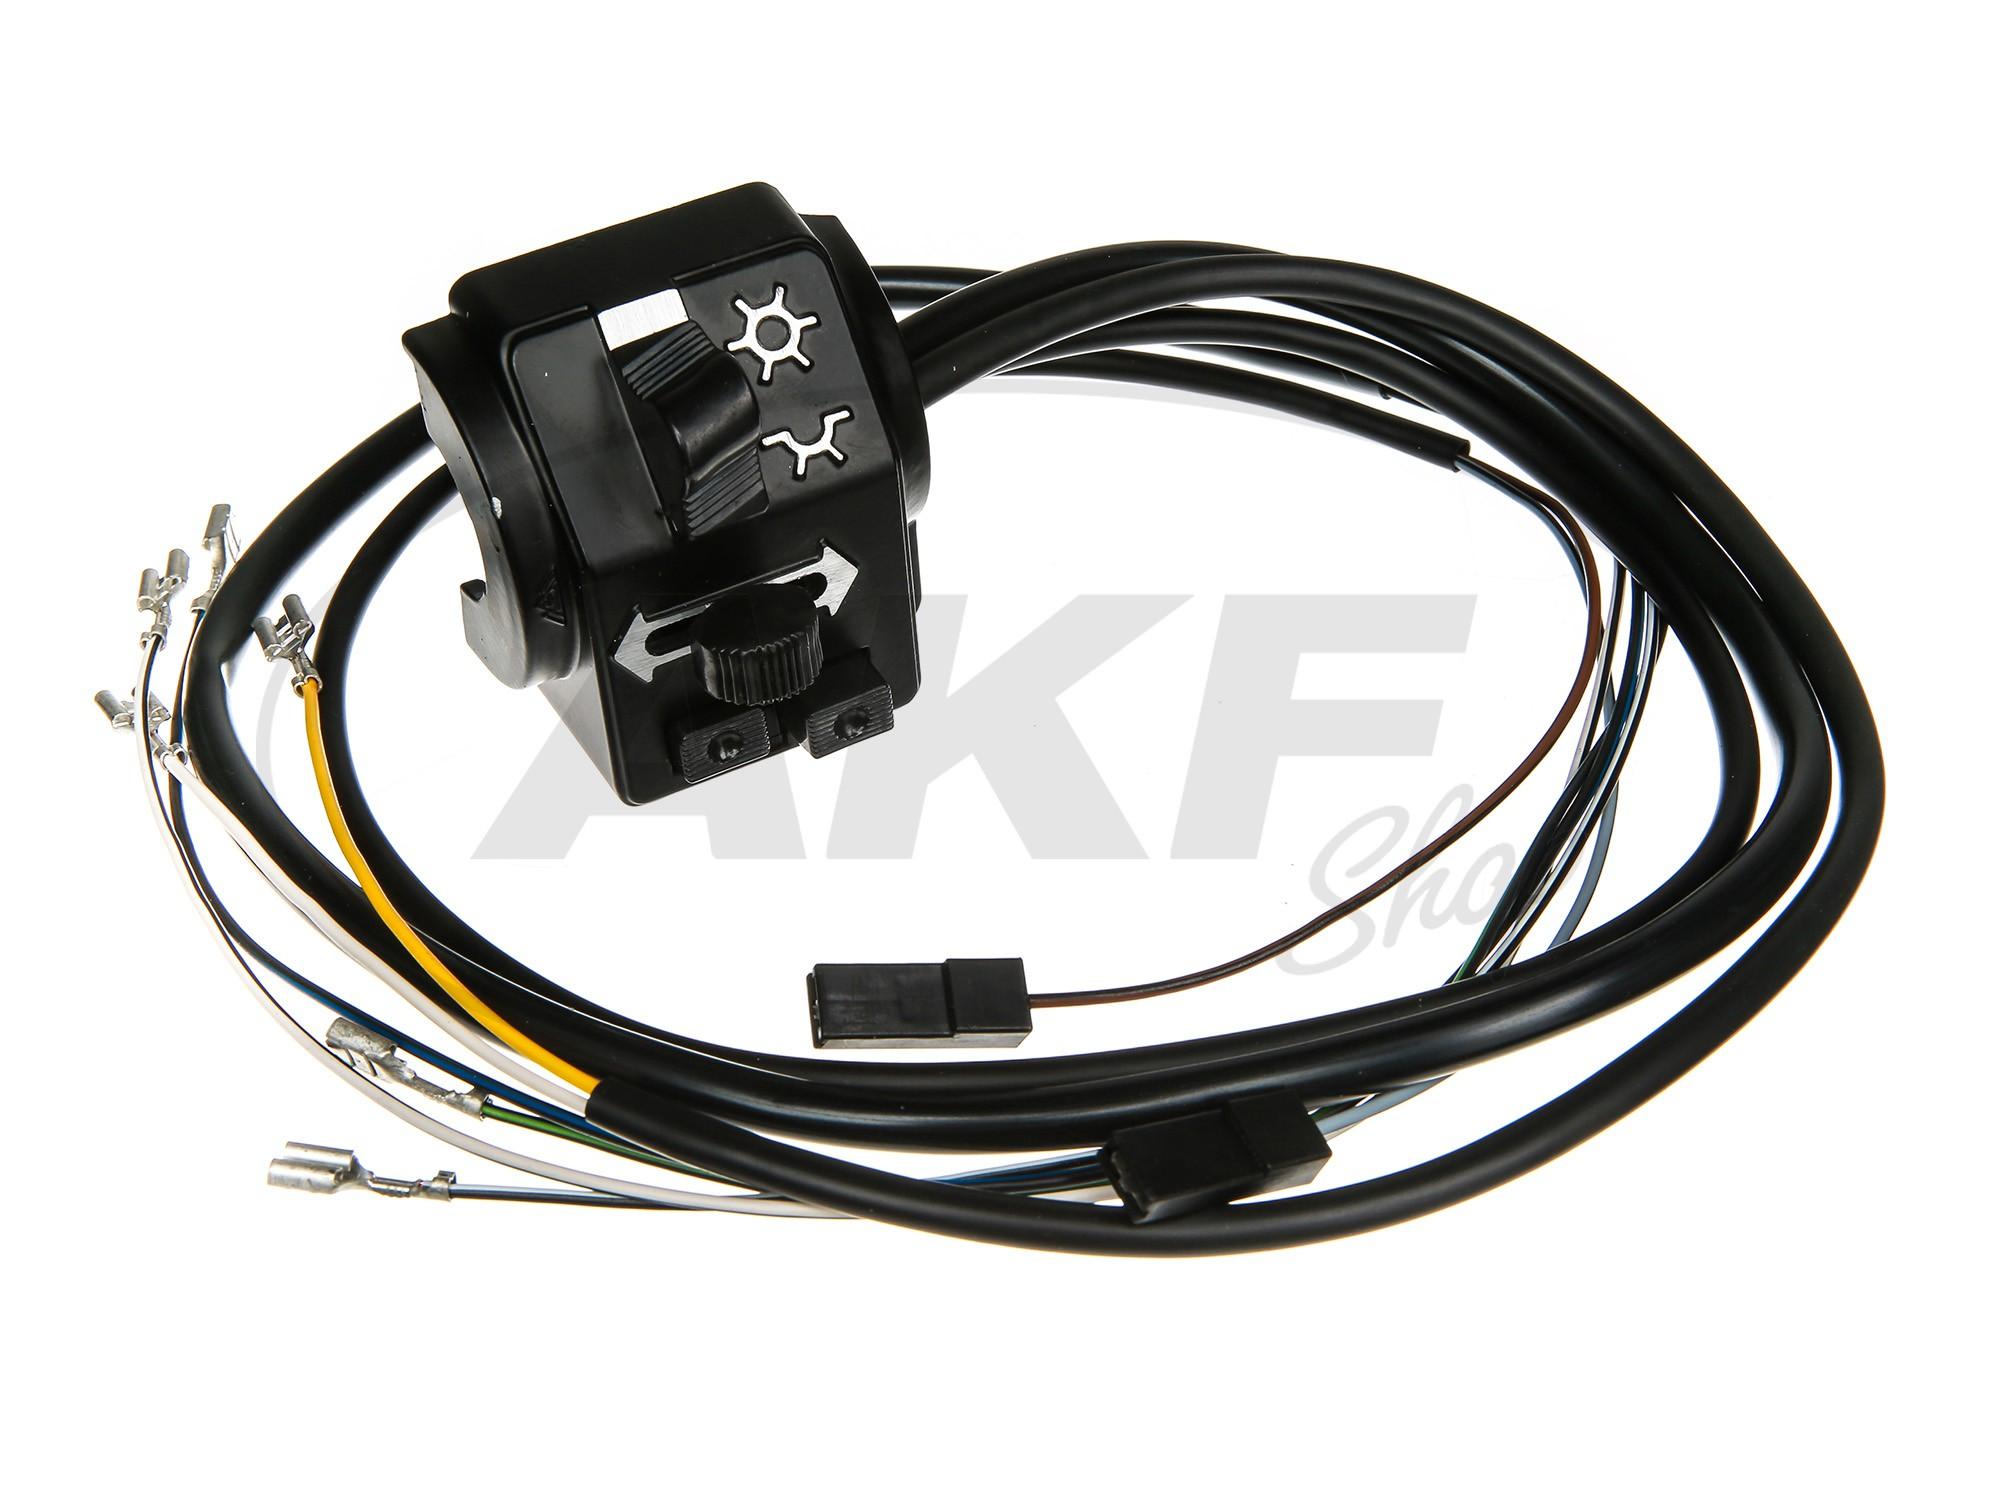 Schalterkombination 8626.19/1 mit Kabel und Lichthupe, 6 + 12V ...